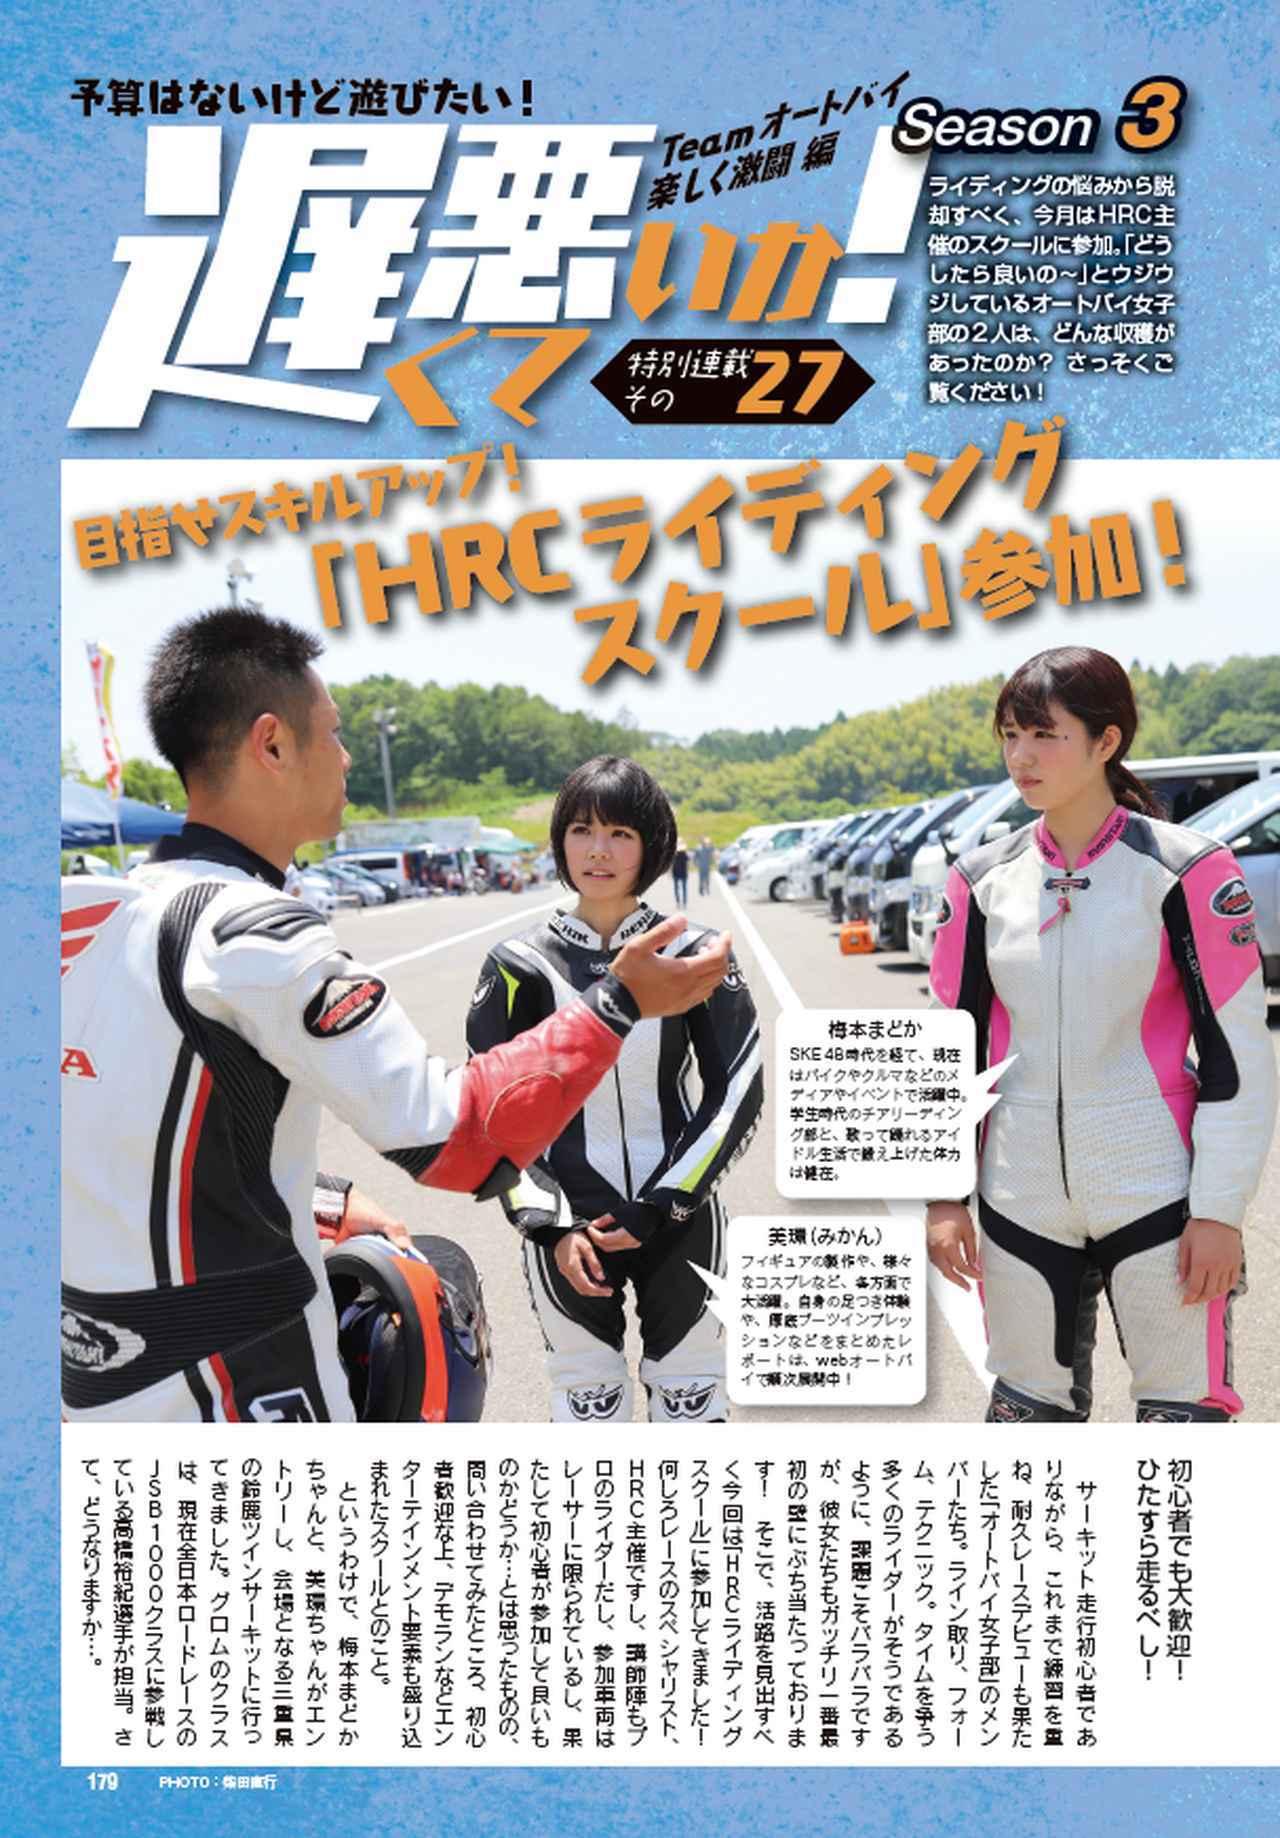 画像13: 今月号の特集は、昭和と平成に生まれた名車対決! 3冊セットのスペシャル号です!!